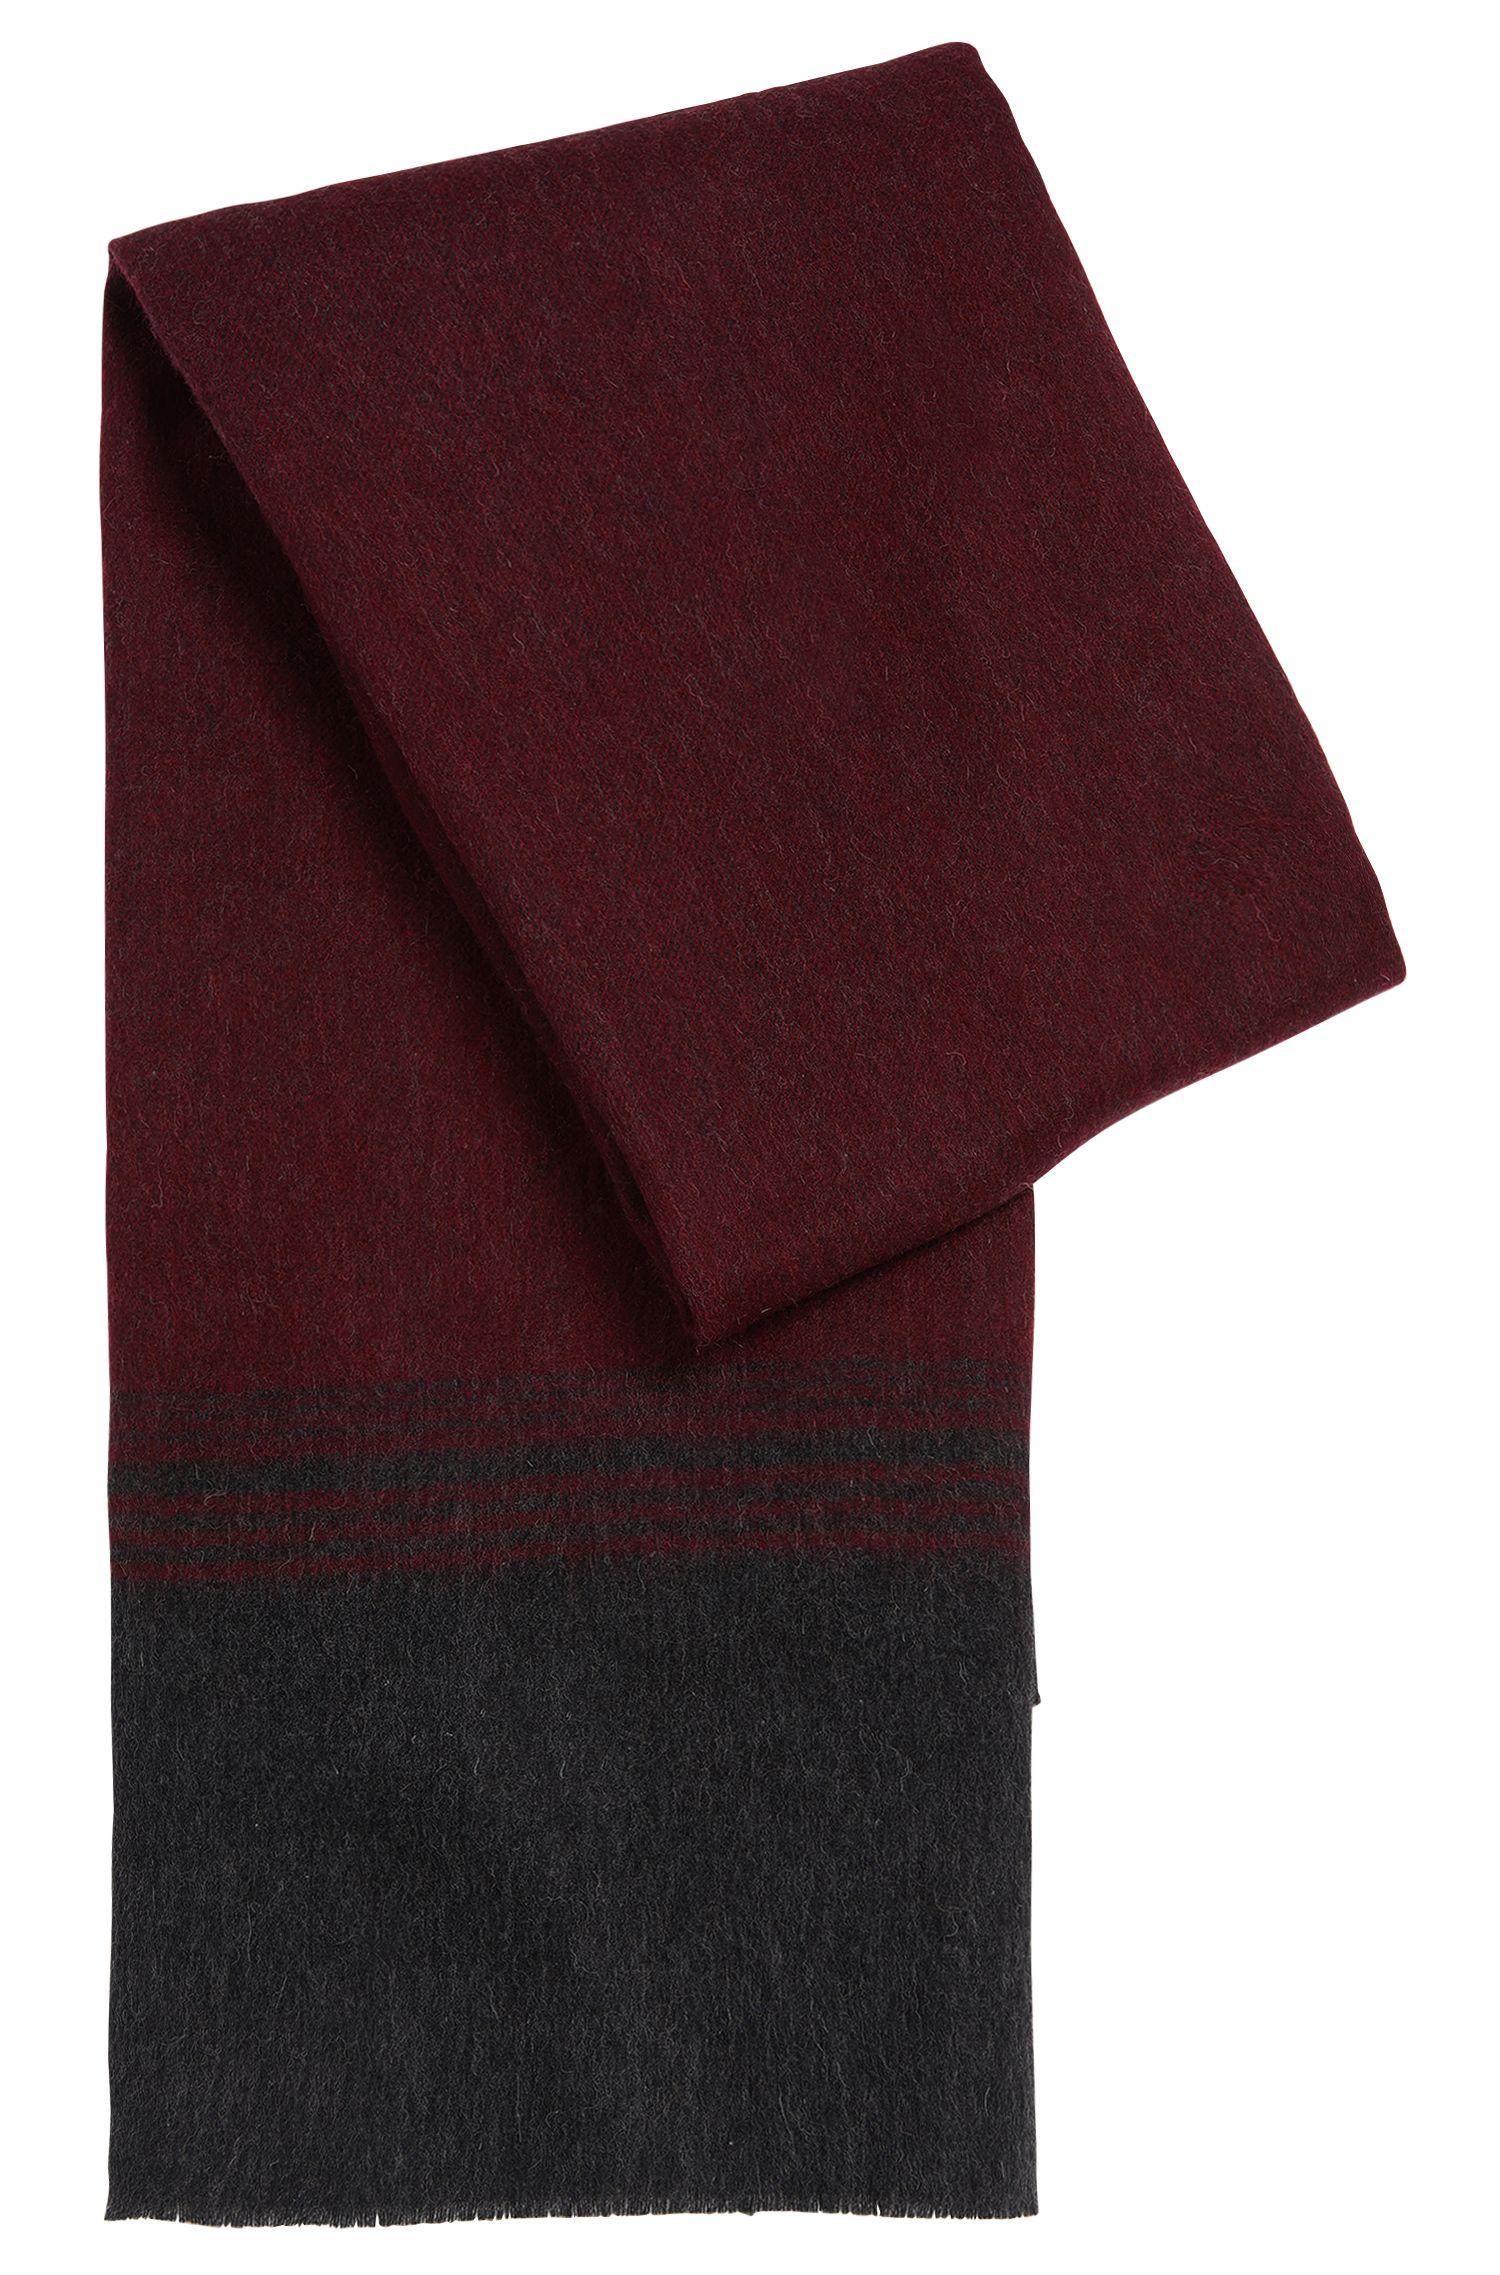 'T-Hebos' | Italian Virgin Wool Oversized Scarf